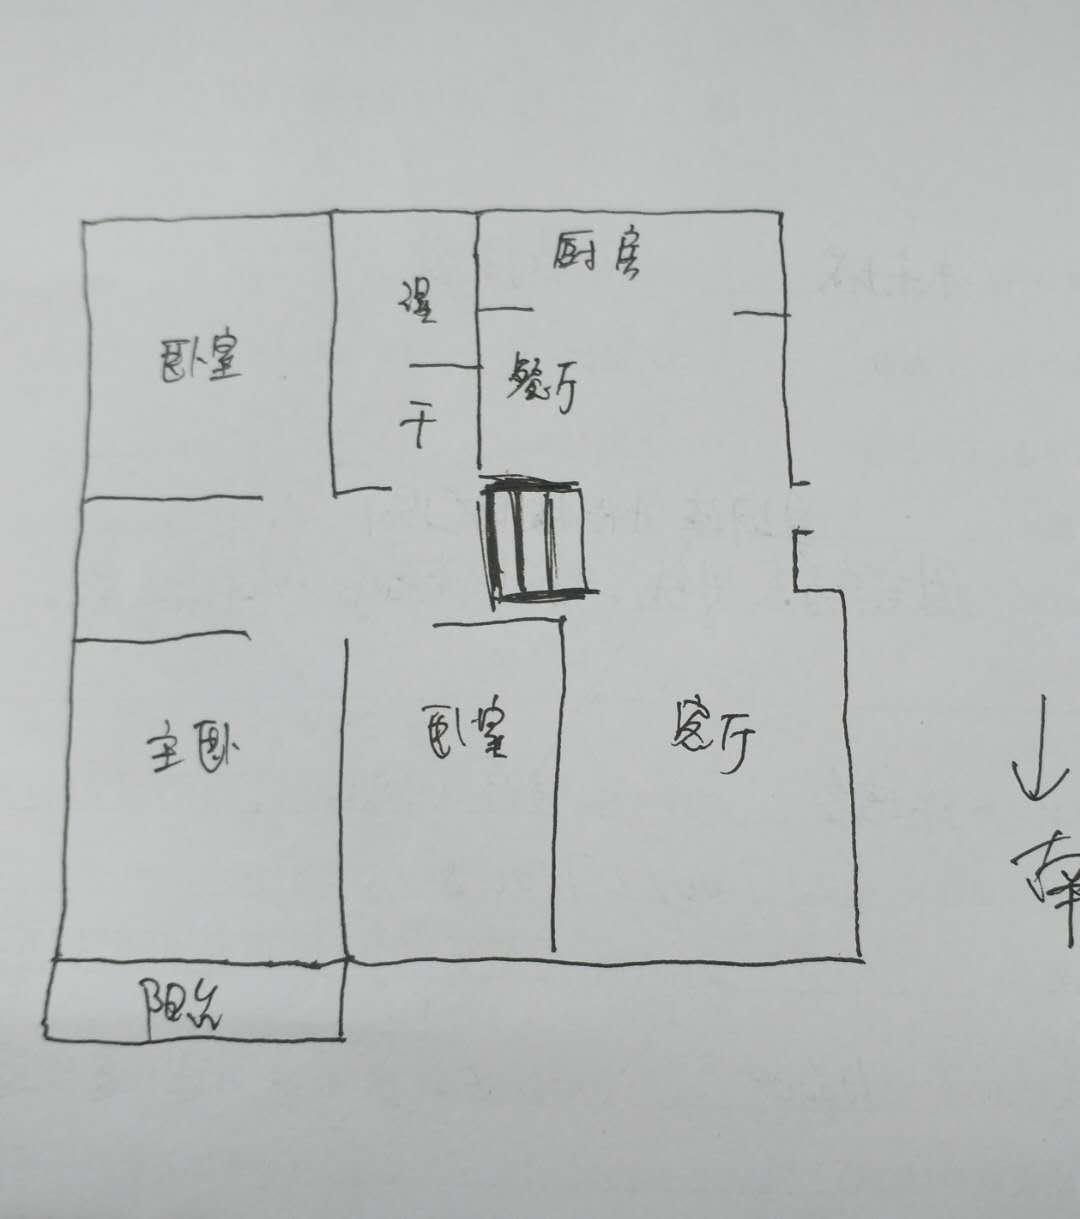 嘉诚尚东 3室2厅 双证齐全过五年 简装 130万